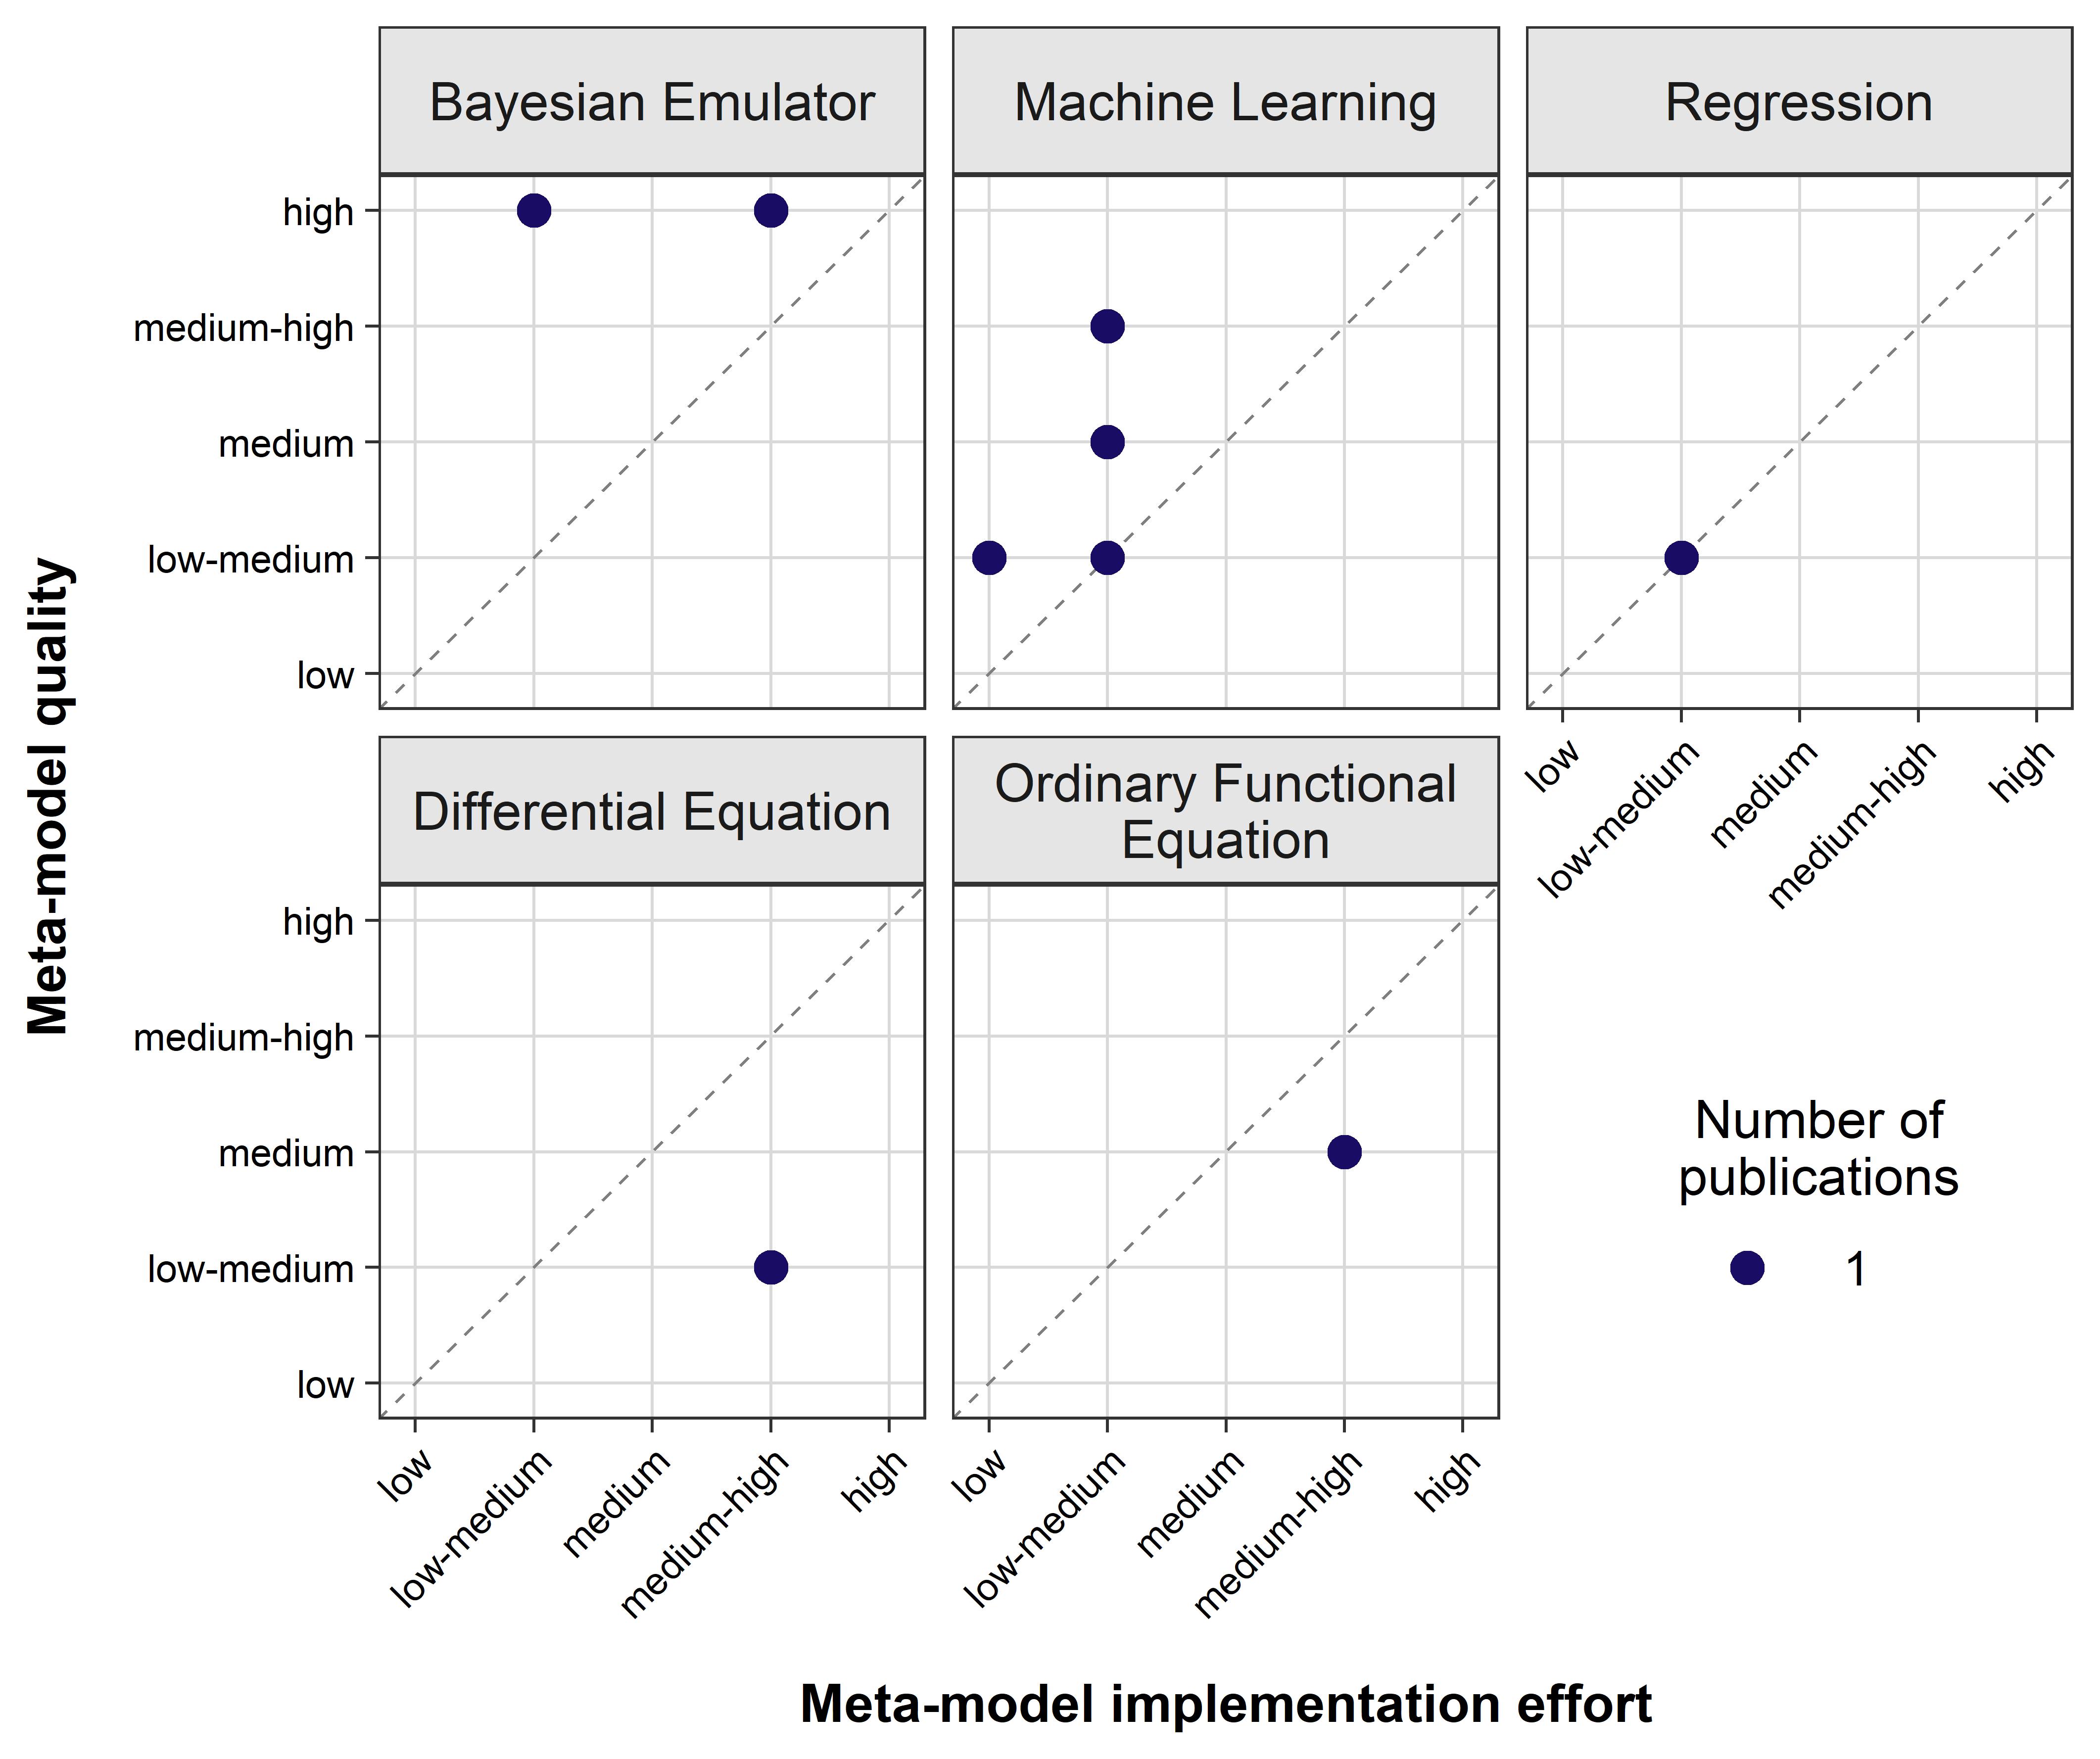 Рисунок 3. Результаты оценки качества ММ и усилий по внедрению для цели прогнозирования.